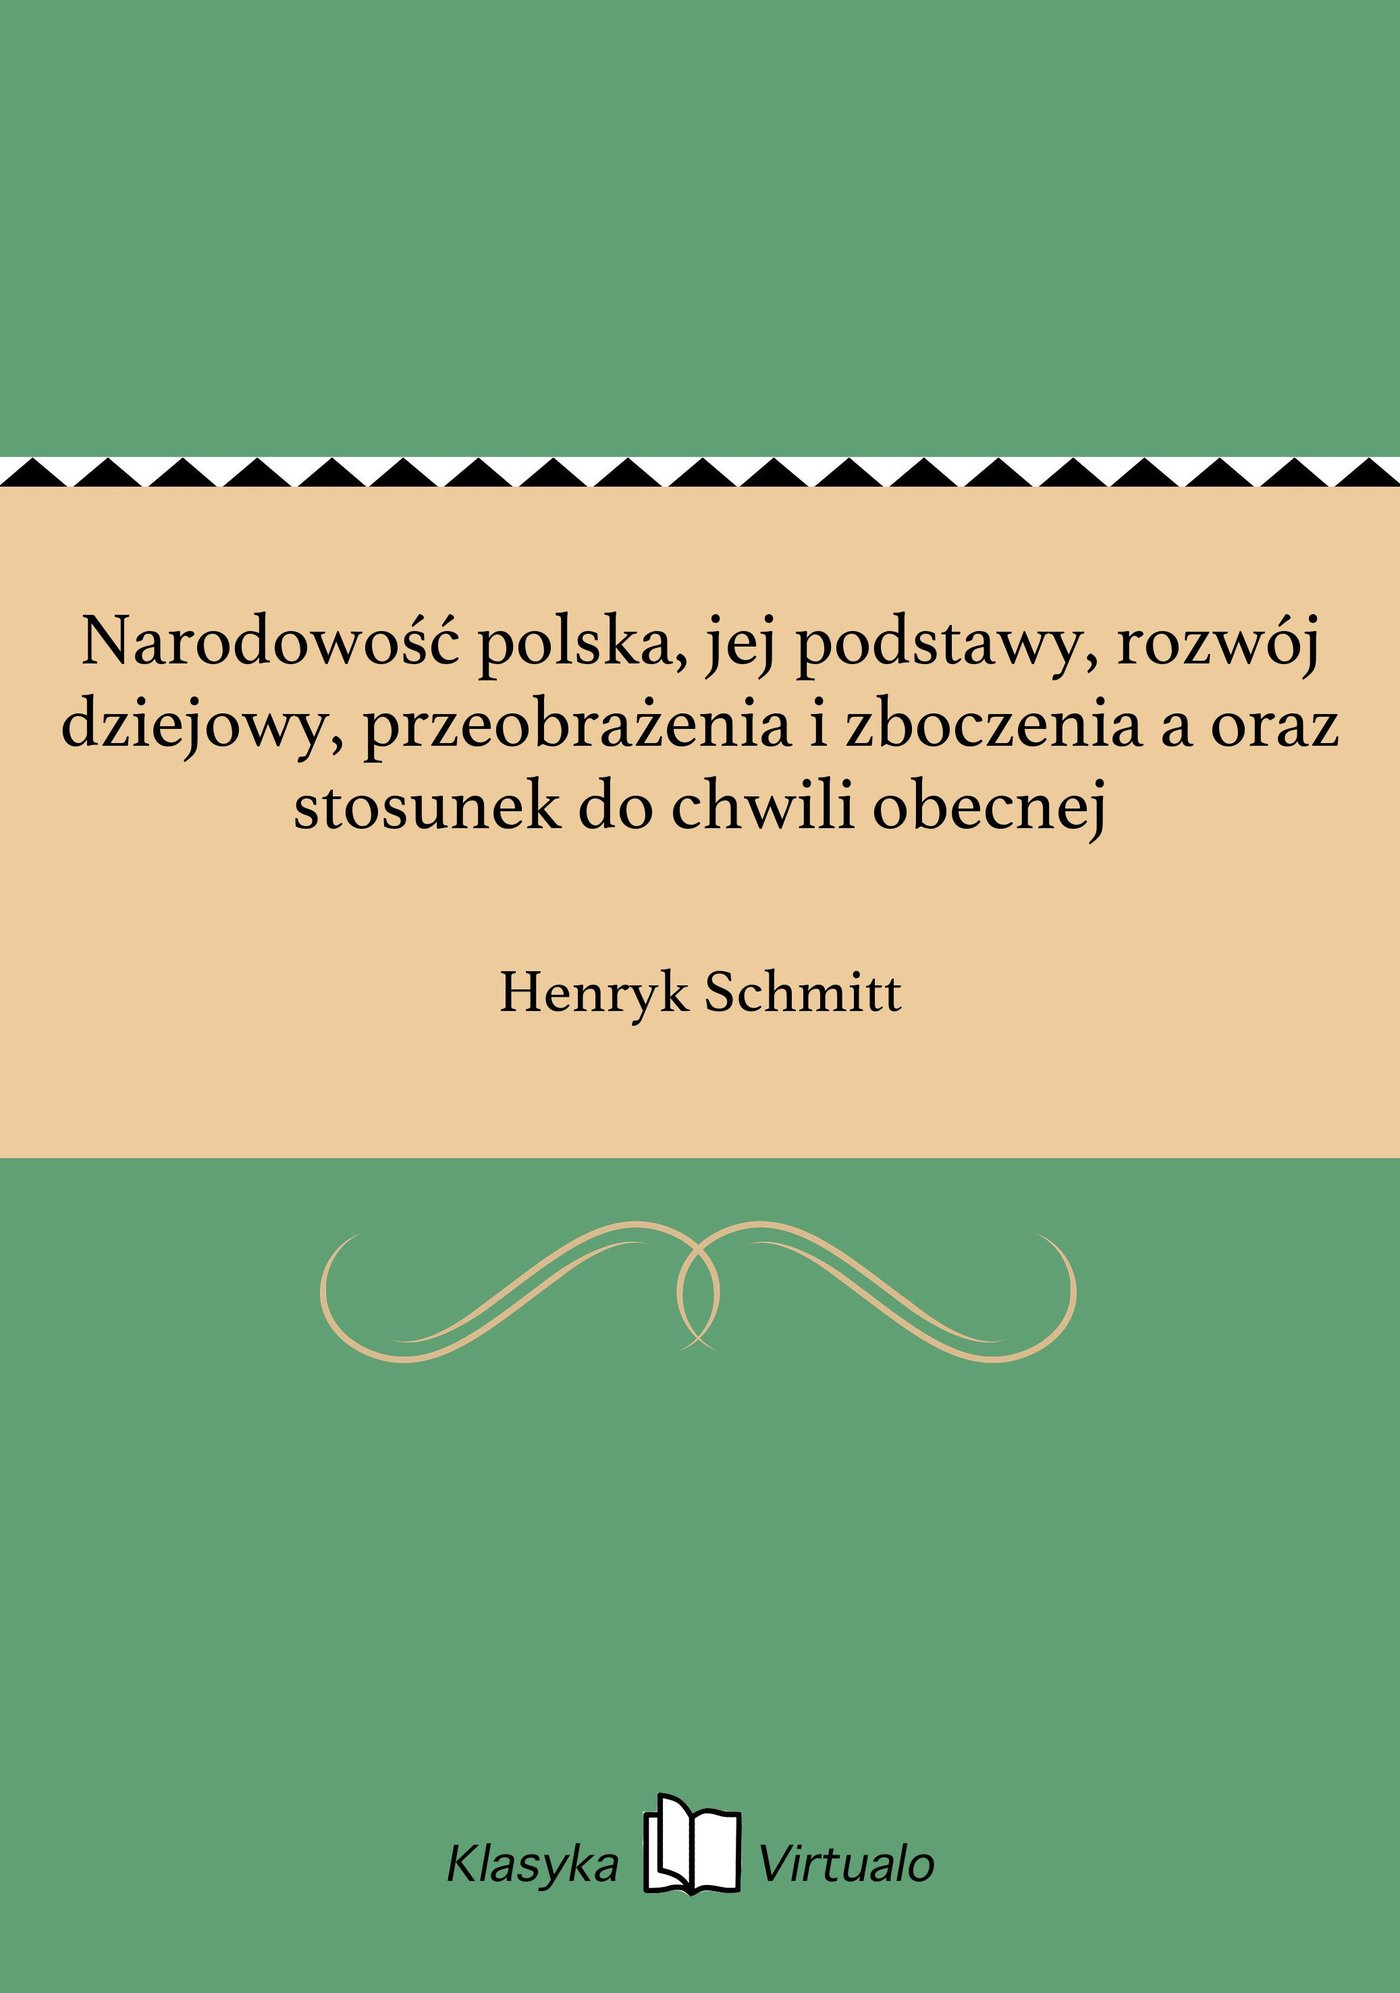 Narodowość polska, jej podstawy, rozwój dziejowy, przeobrażenia i zboczenia a oraz stosunek do chwili obecnej - Ebook (Książka EPUB) do pobrania w formacie EPUB